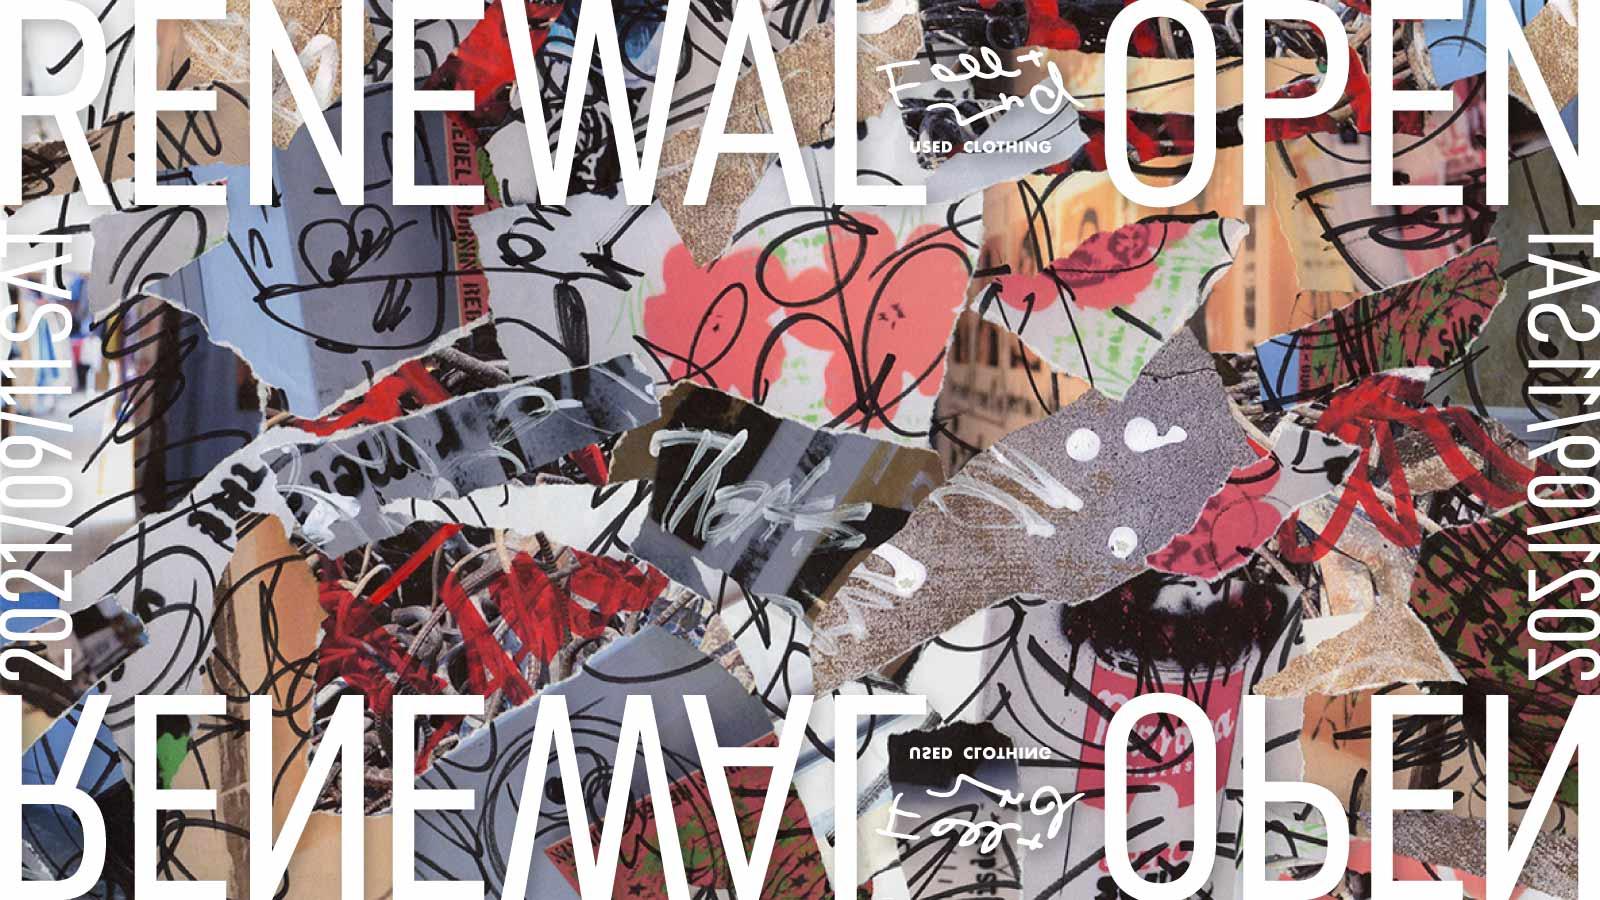 Feeet 2nd RENEWAL OPEN20210911